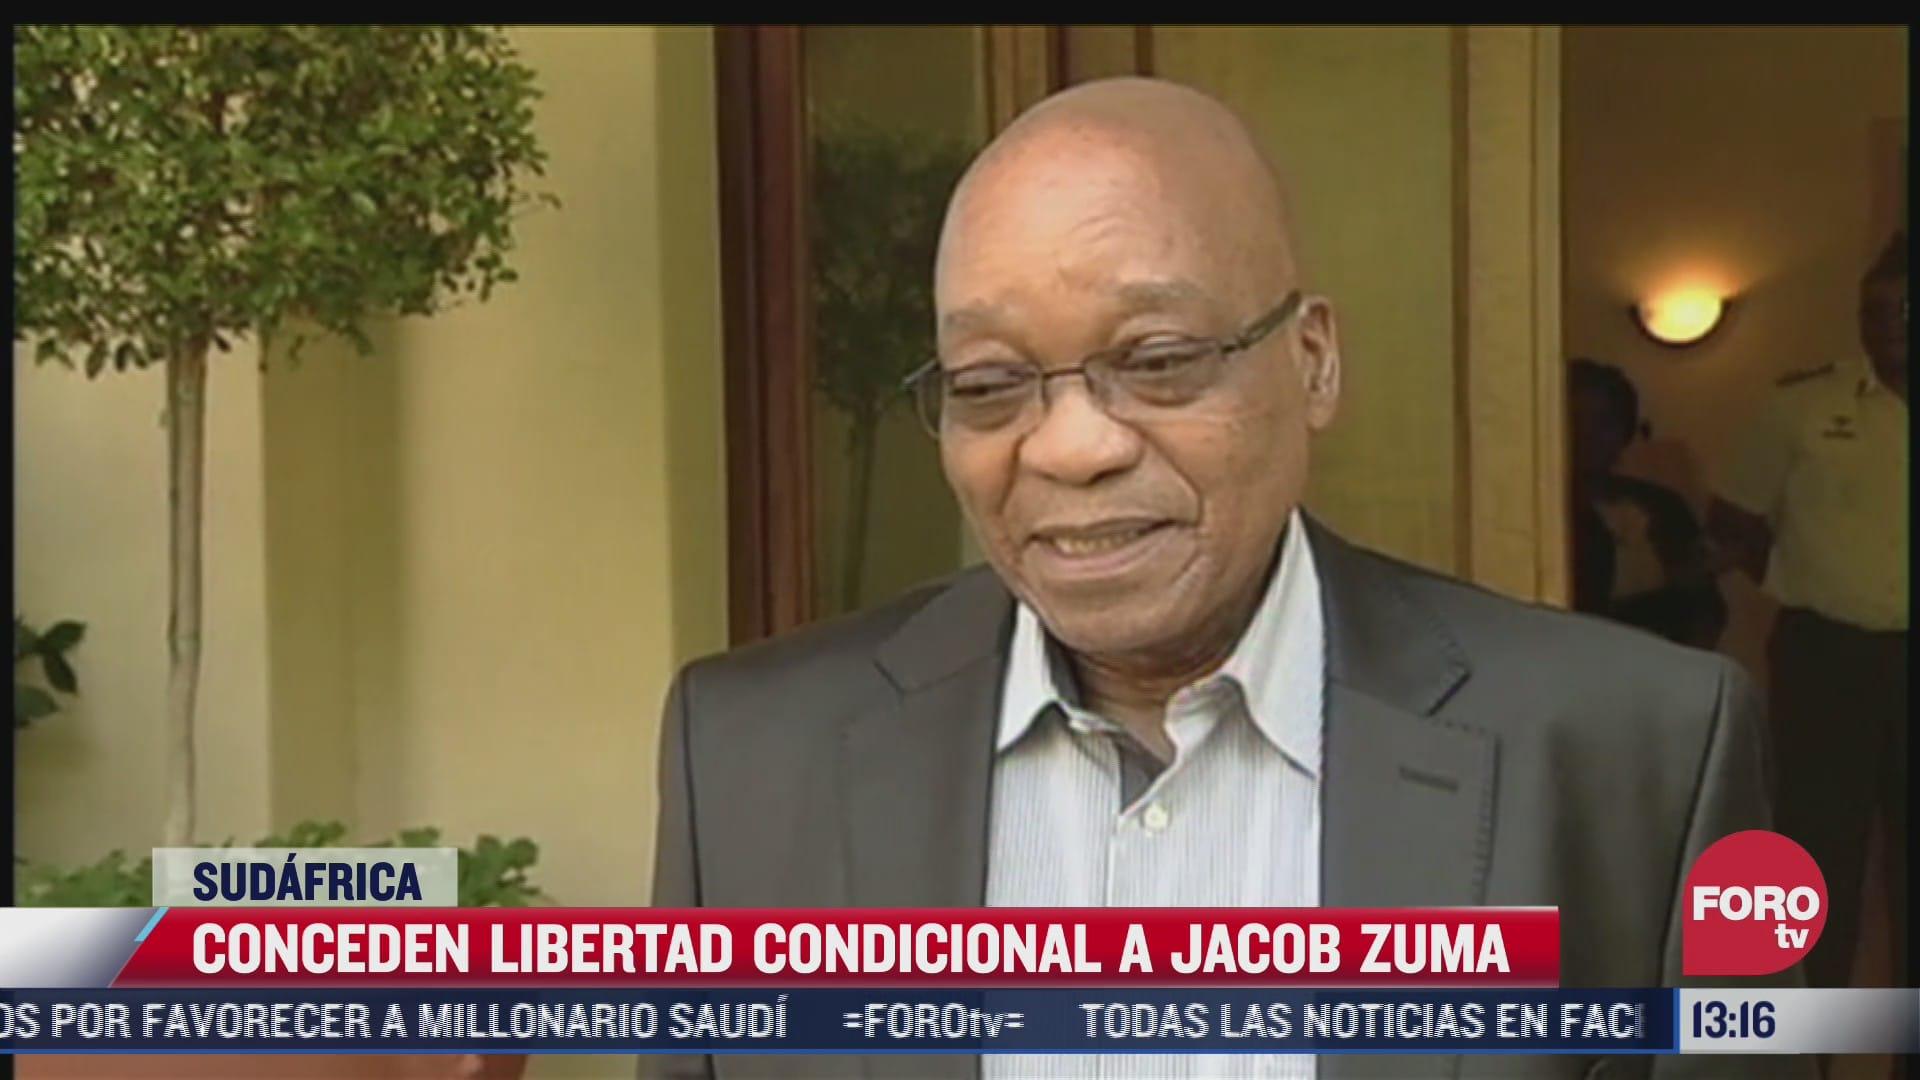 conceden libertad condicional a jacob zuma en sudafrica